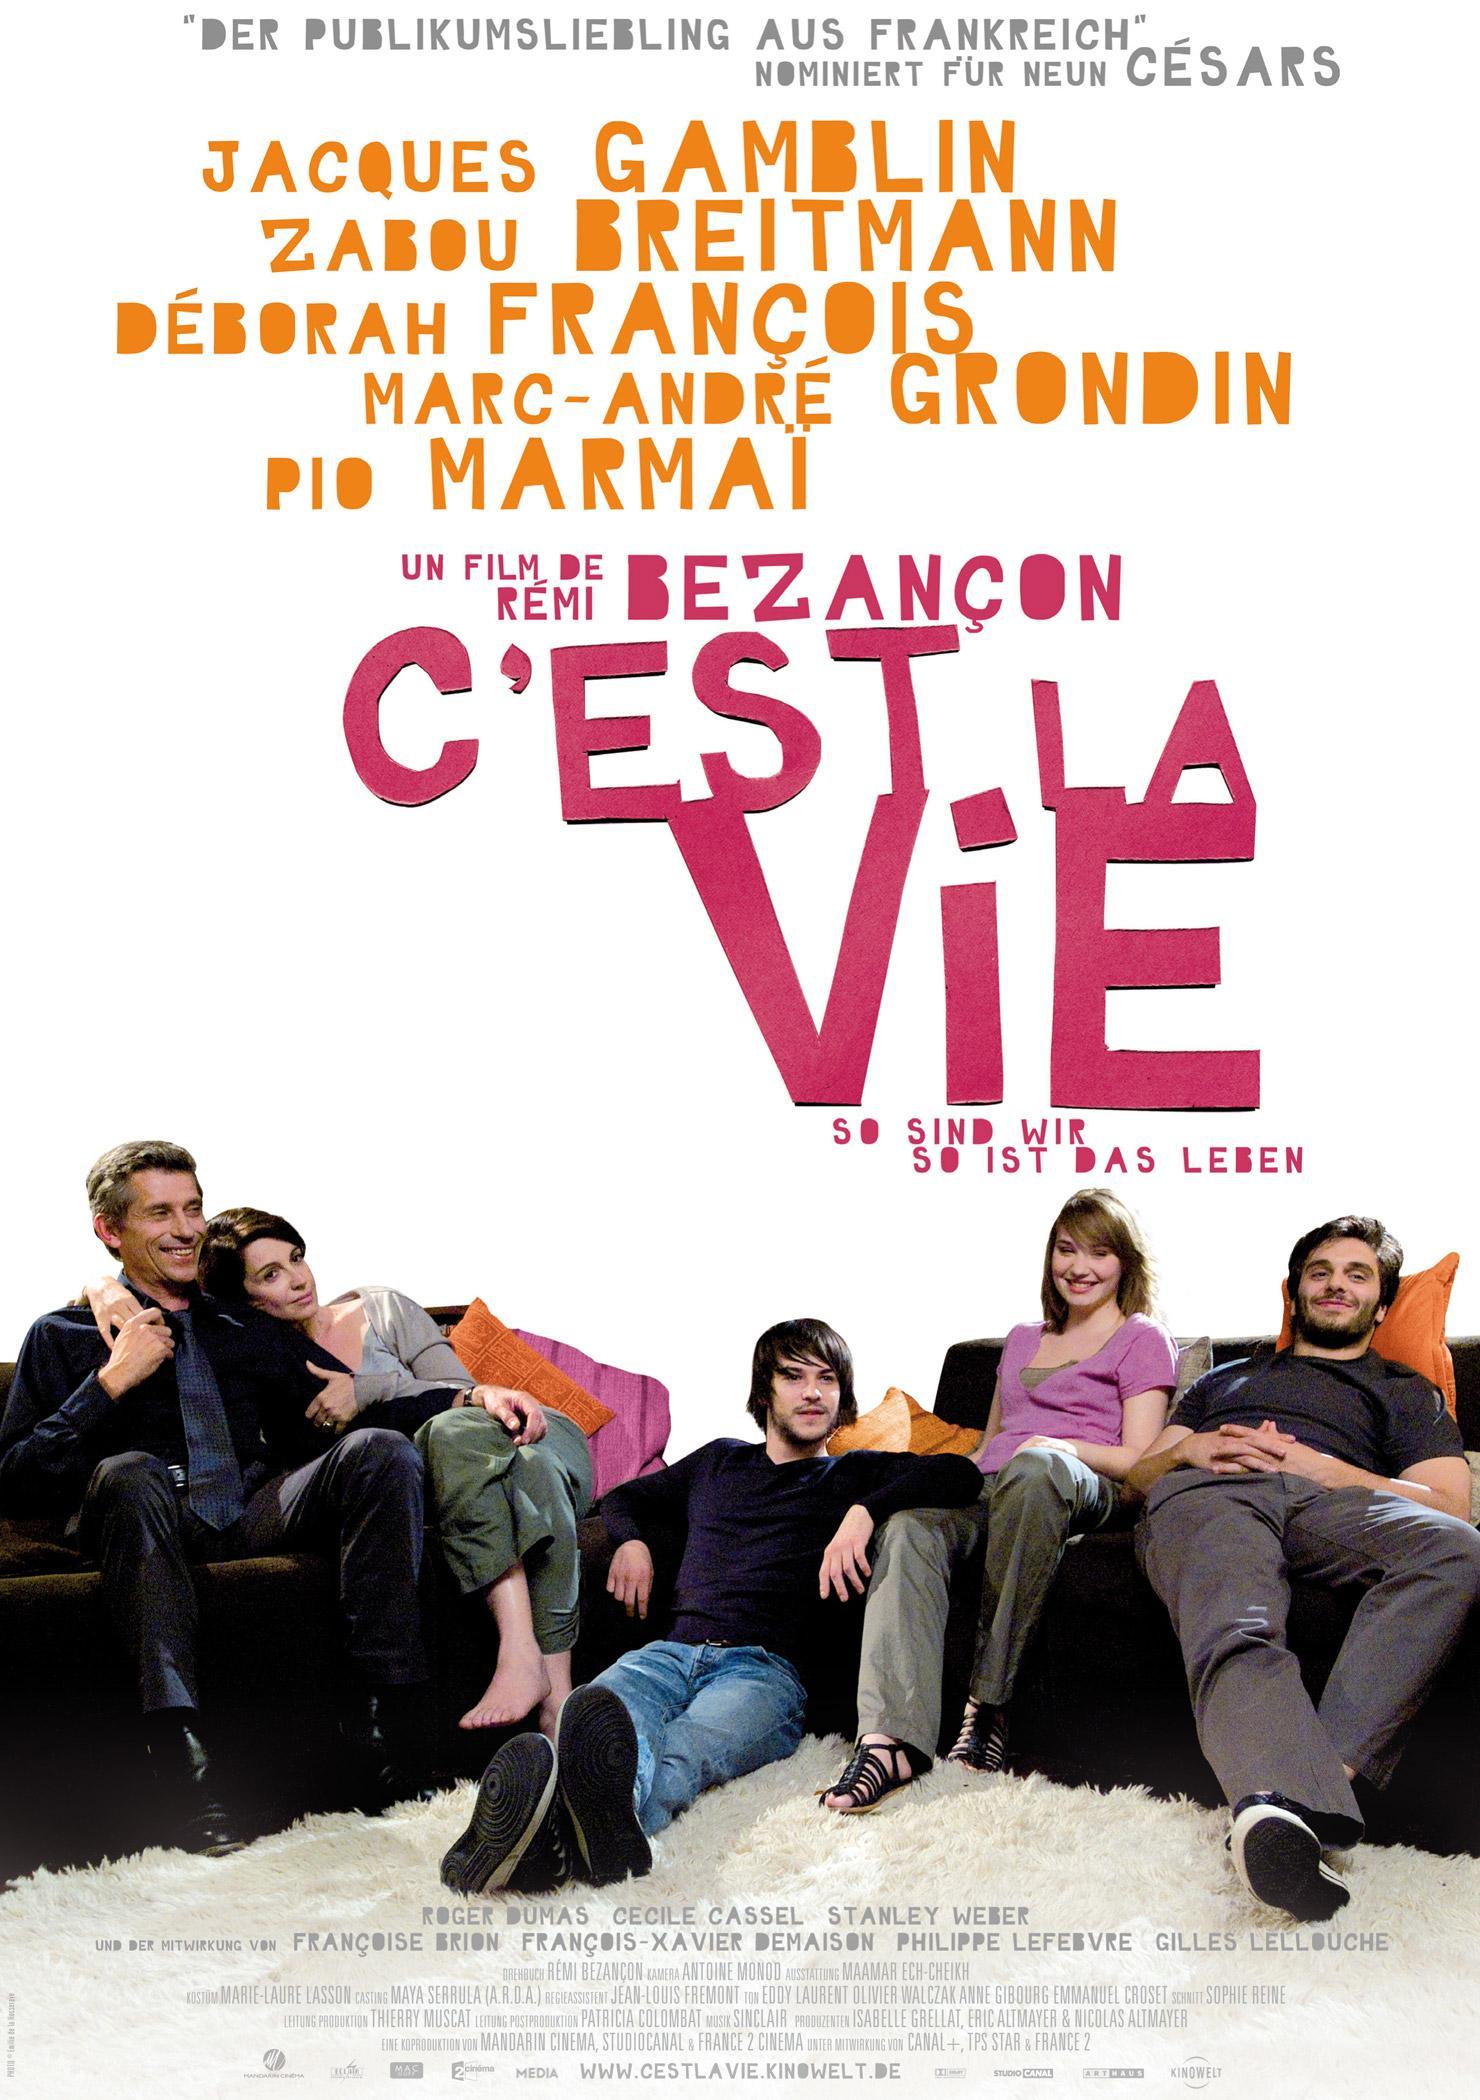 C'est la vie - So sind wir, so ist das Leben (Poster)